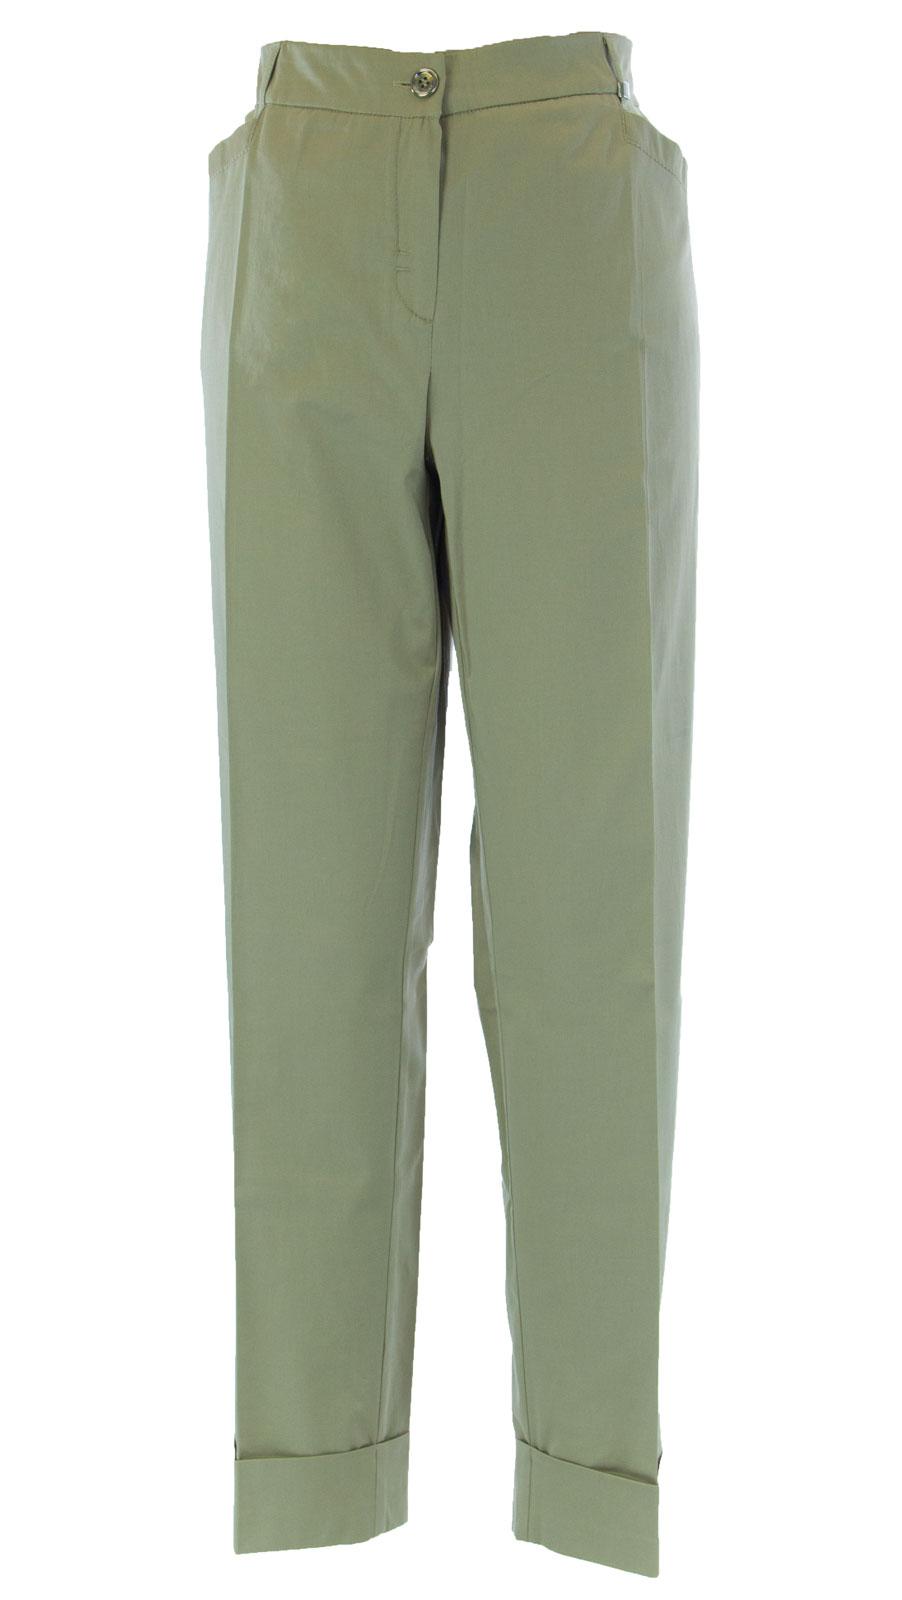 MARINA RINALDI by MaxMara Binnie Beige Cuffed Dress Pants  380 NWT